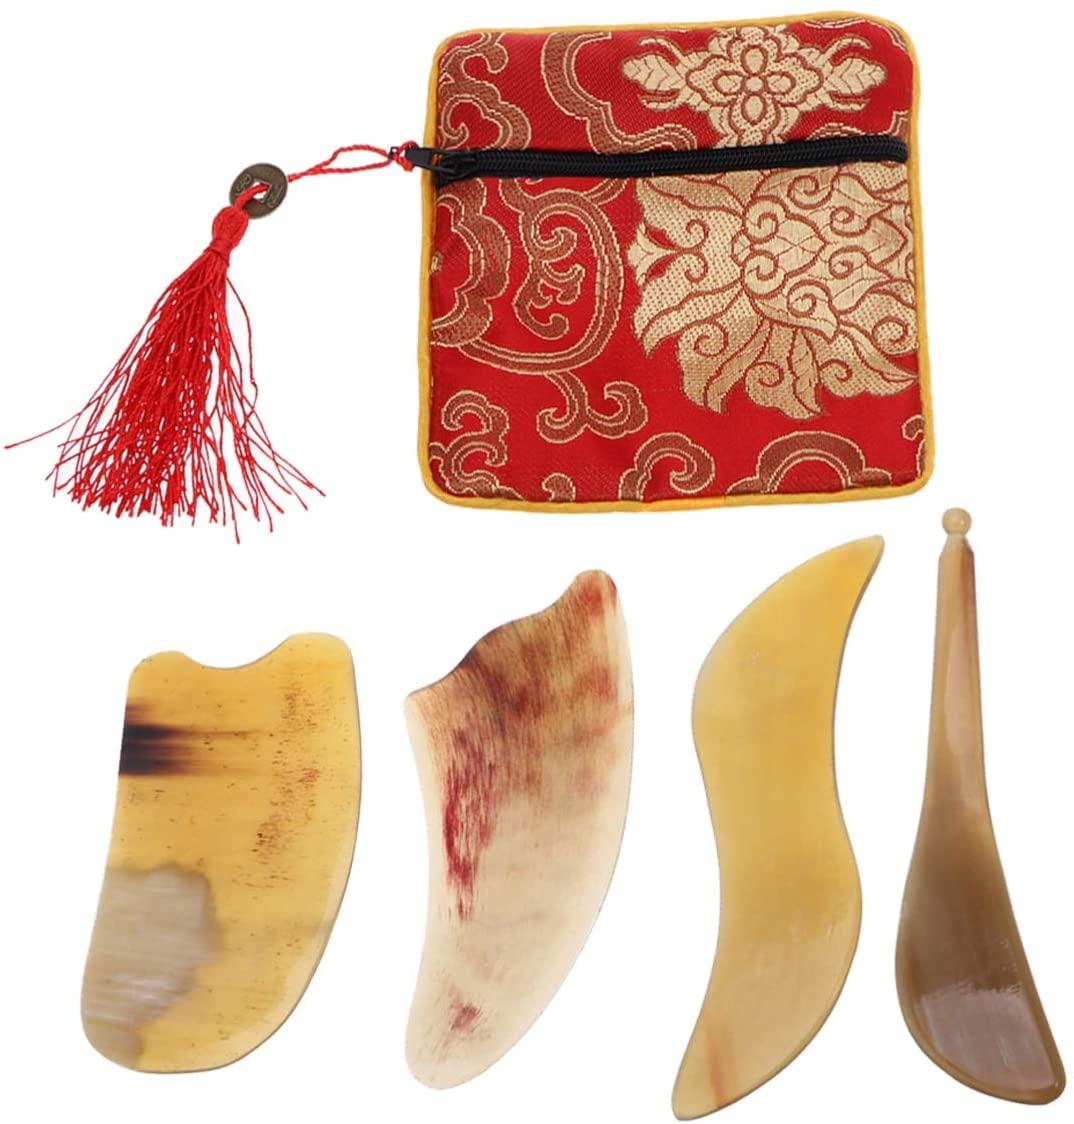 Gua Sha Scraping Board Ox Horn Gua Sha Massage Board for Face Body Massage 4pcs